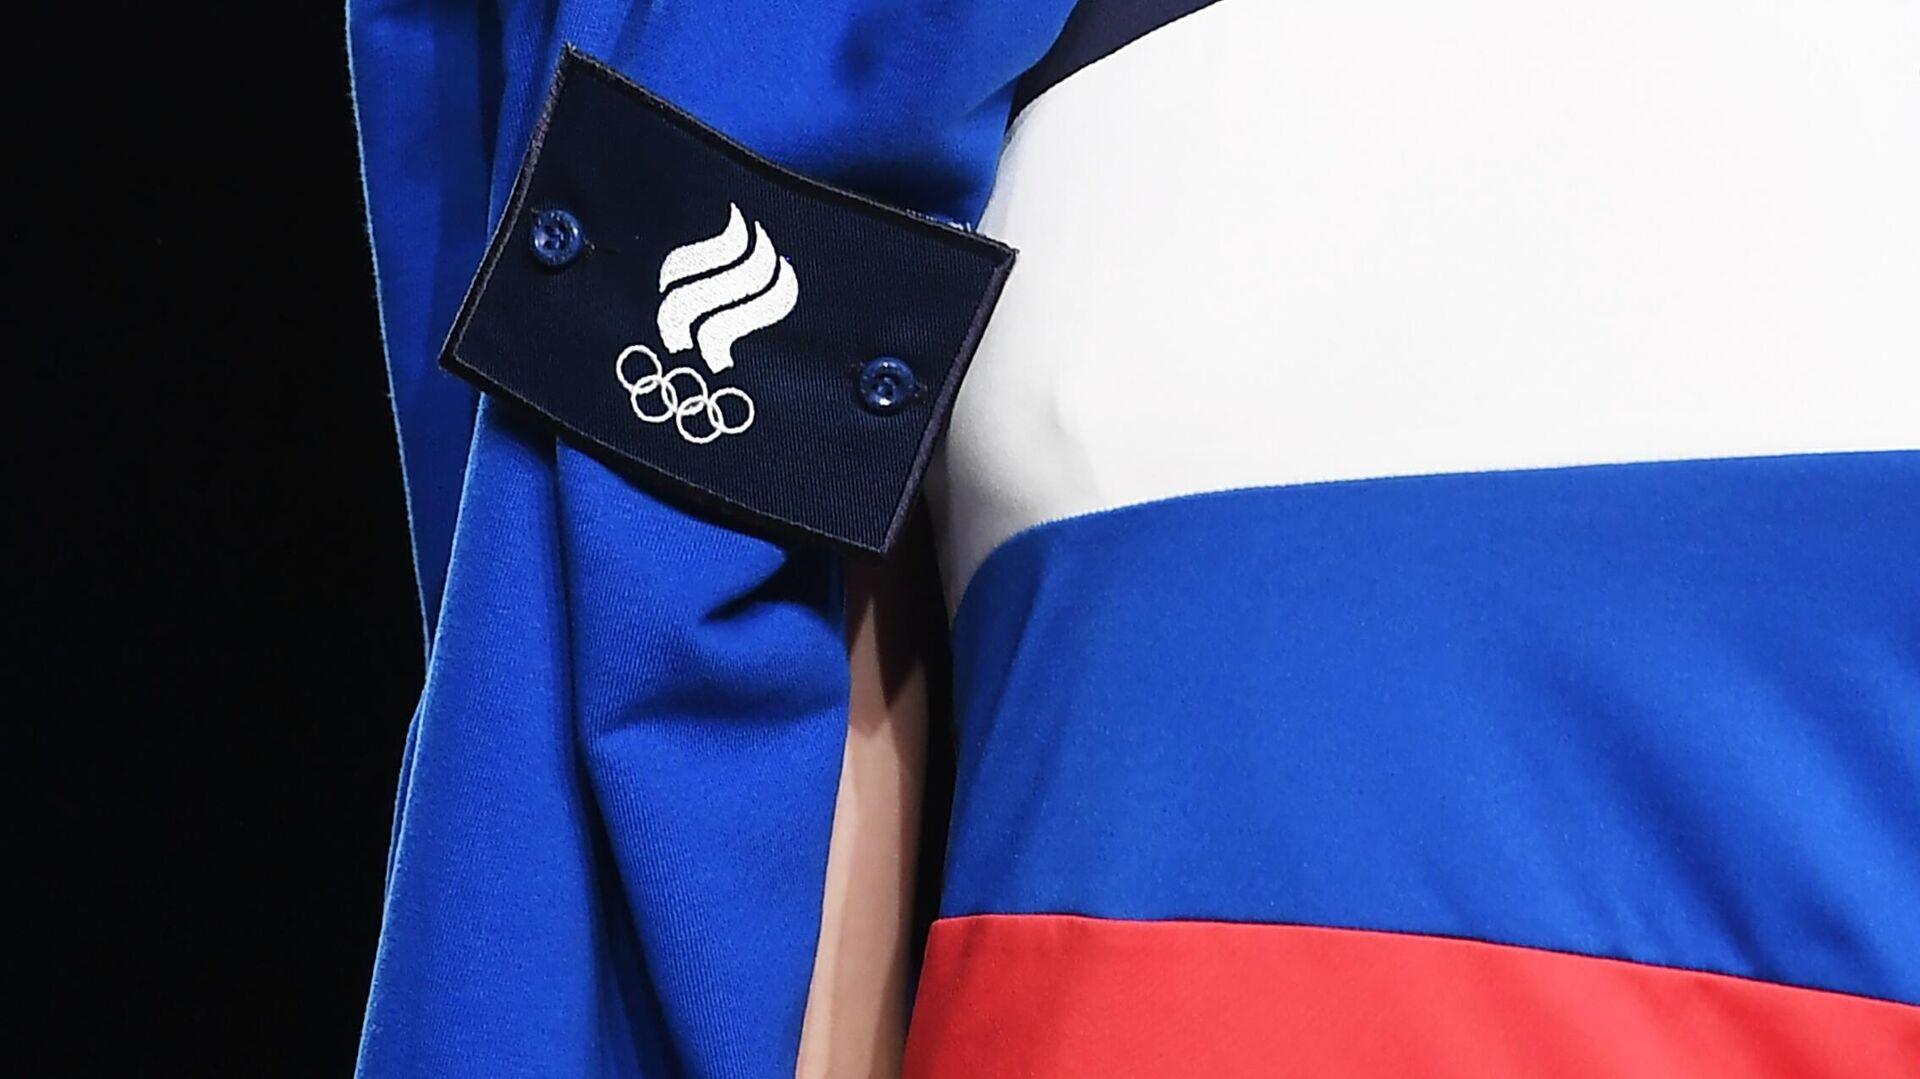 Презентация официальной формы Олимпийской команды России на ОИ-2020 - РИА Новости, 1920, 29.06.2021